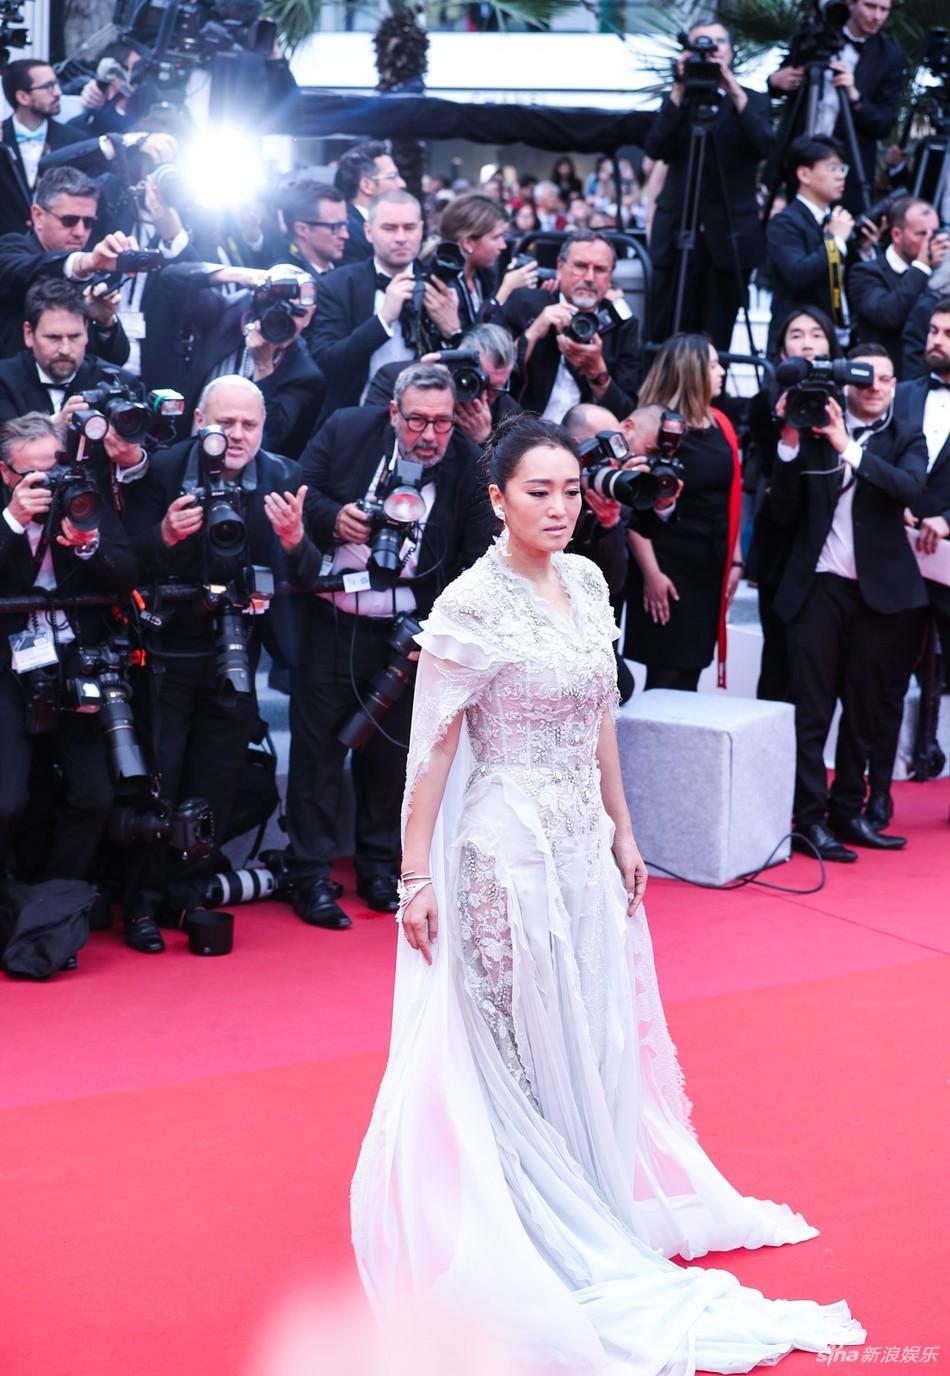 Chiếc váy tùng xoè lộng lẫy nhưng cũng khiến Jessica suýt ngã, phải nhờ 2 người nâng váy Cannes 2019 - Ảnh 6.